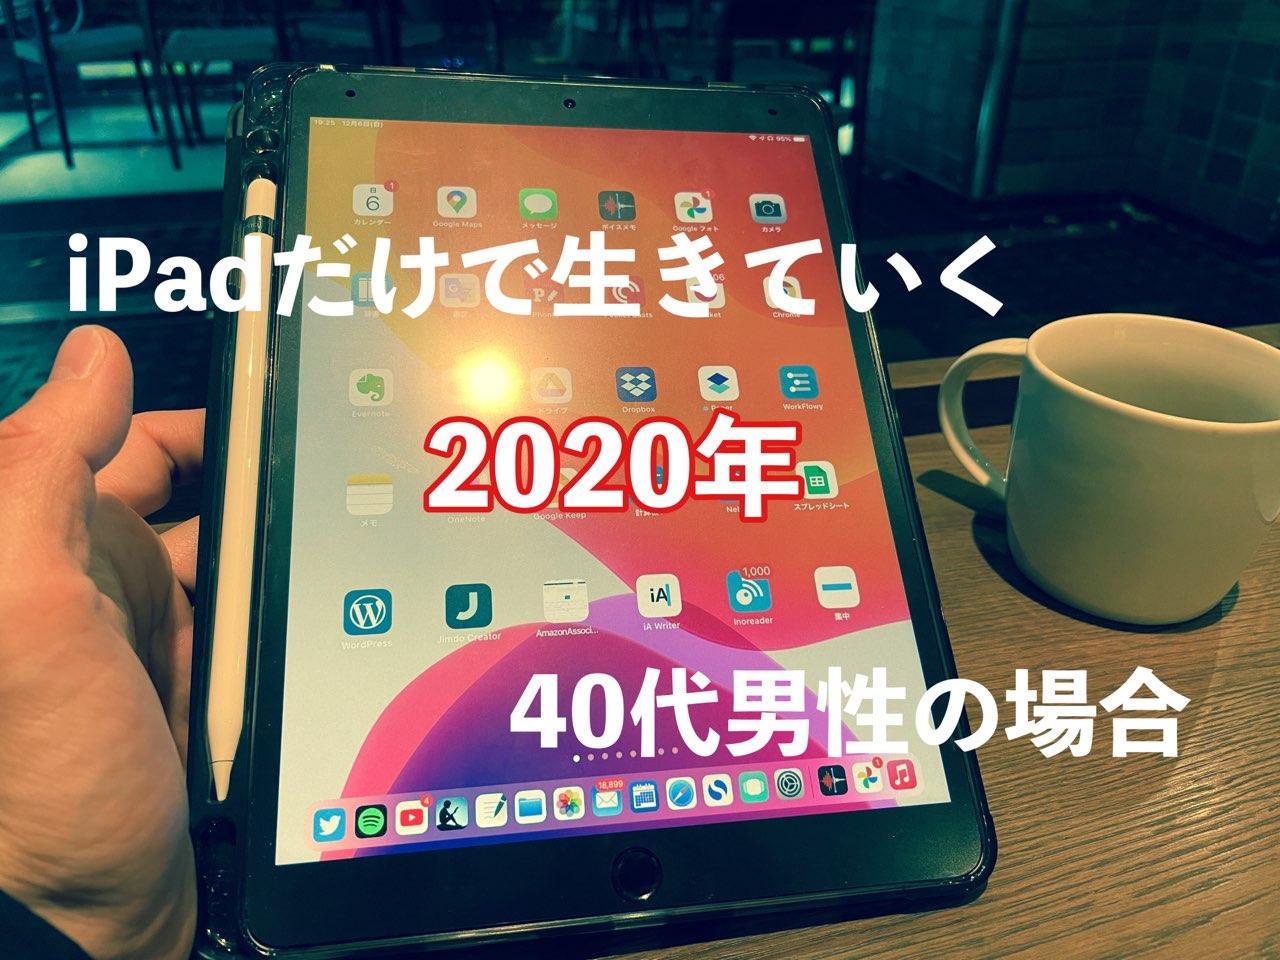 iPadで生きていく2020年版 アイキャッチ